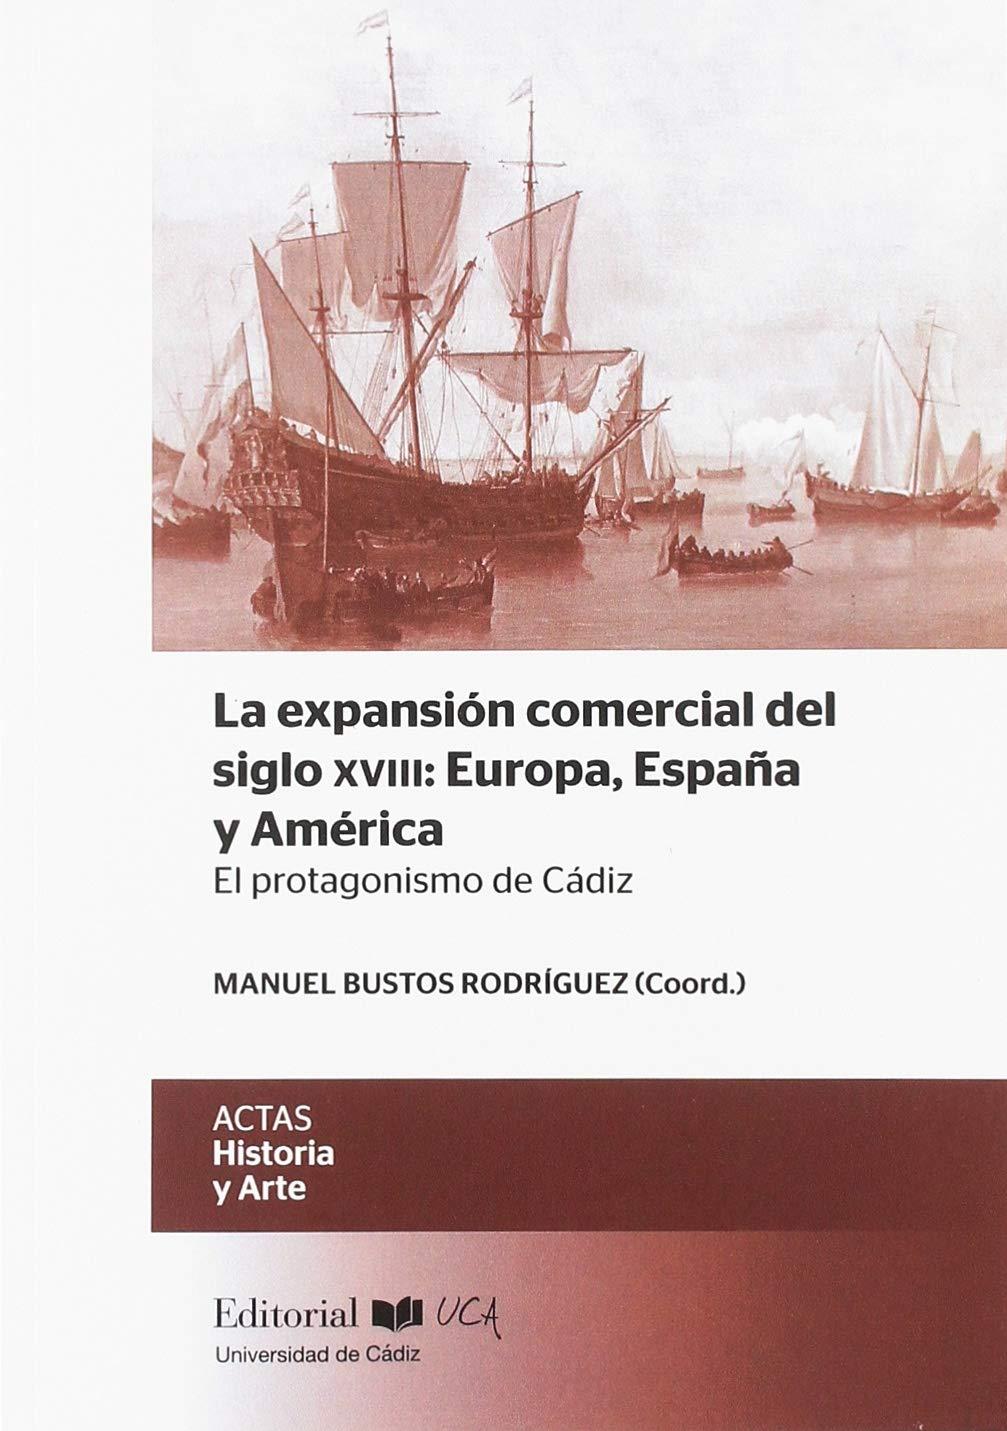 La expansión comercial del siglo XVIII: Europa, España y América. El protagonism: El protagonismo de Cádiz: 17 ACTAS: Amazon.es: Bustos Rodríguez, Manuel: Libros